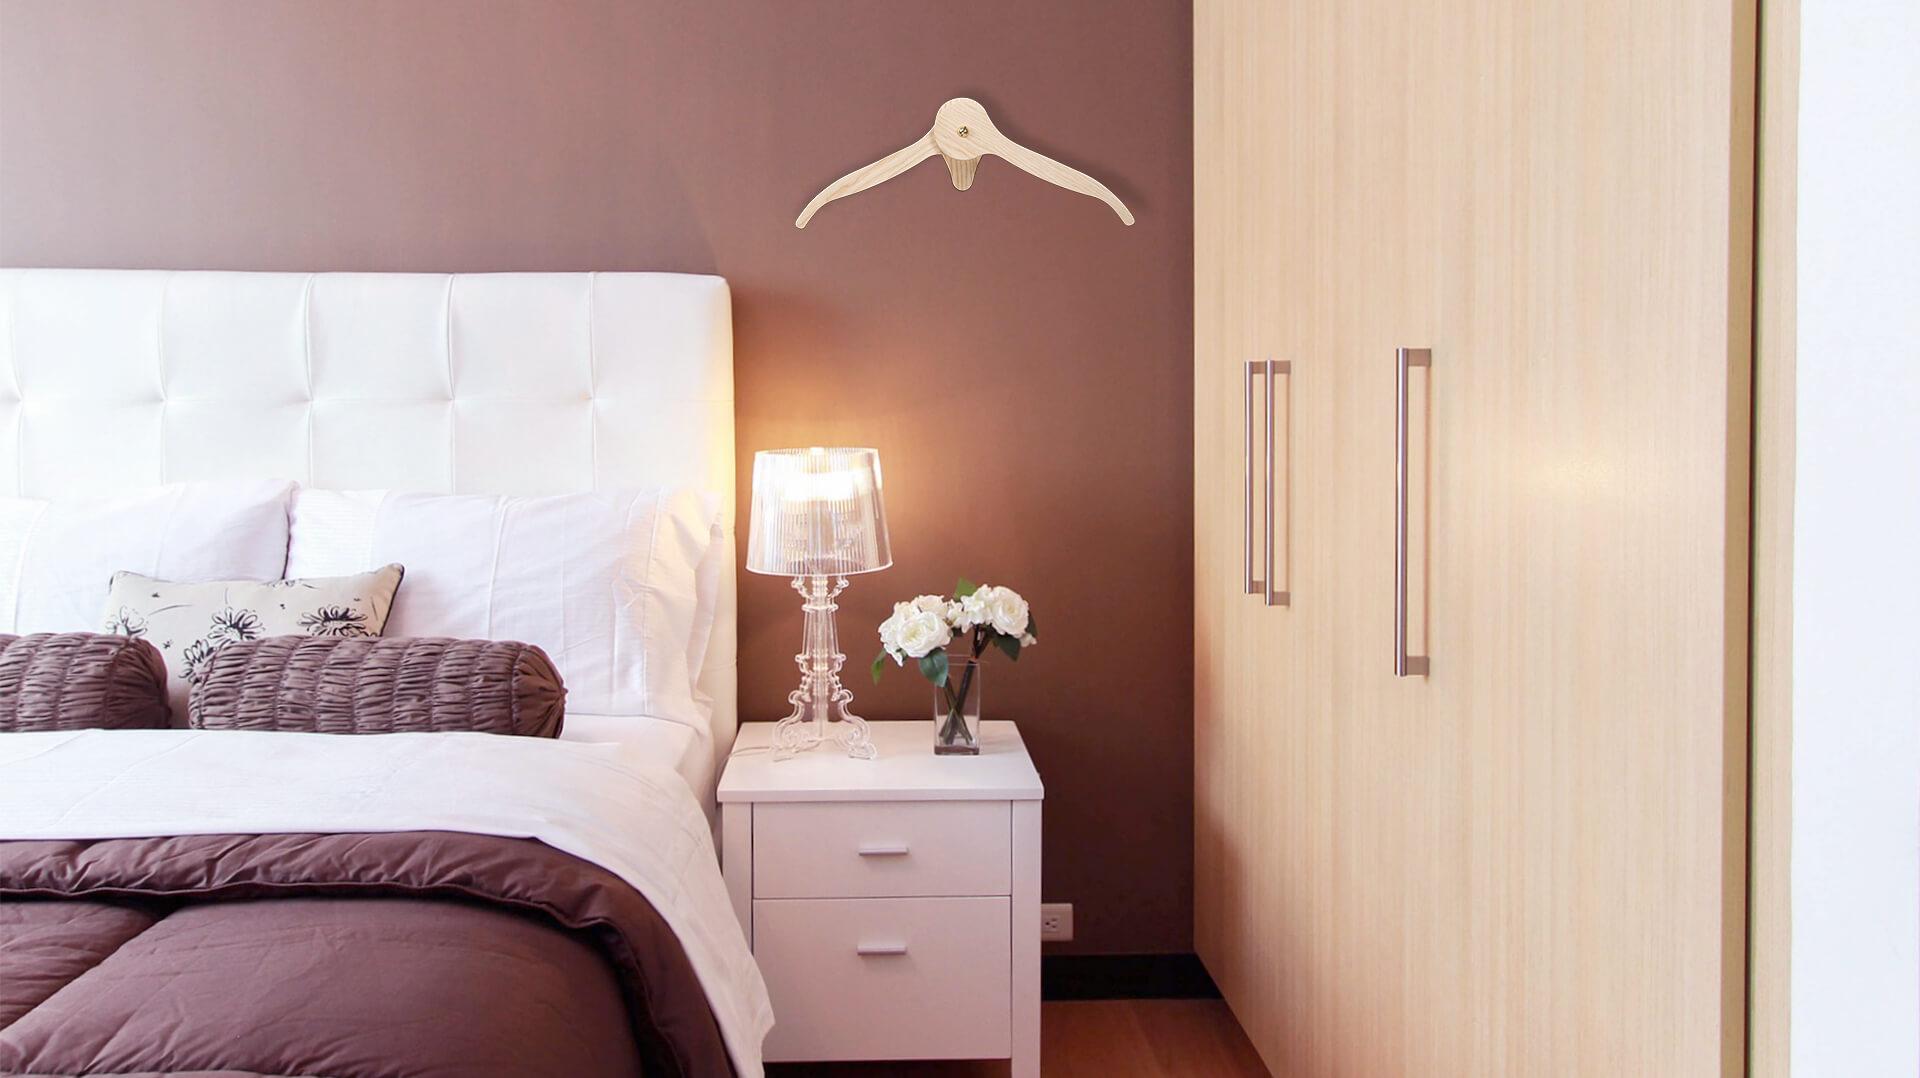 Riordinare con eleganza camera da letto, bagno e ingresso - MajorDomo